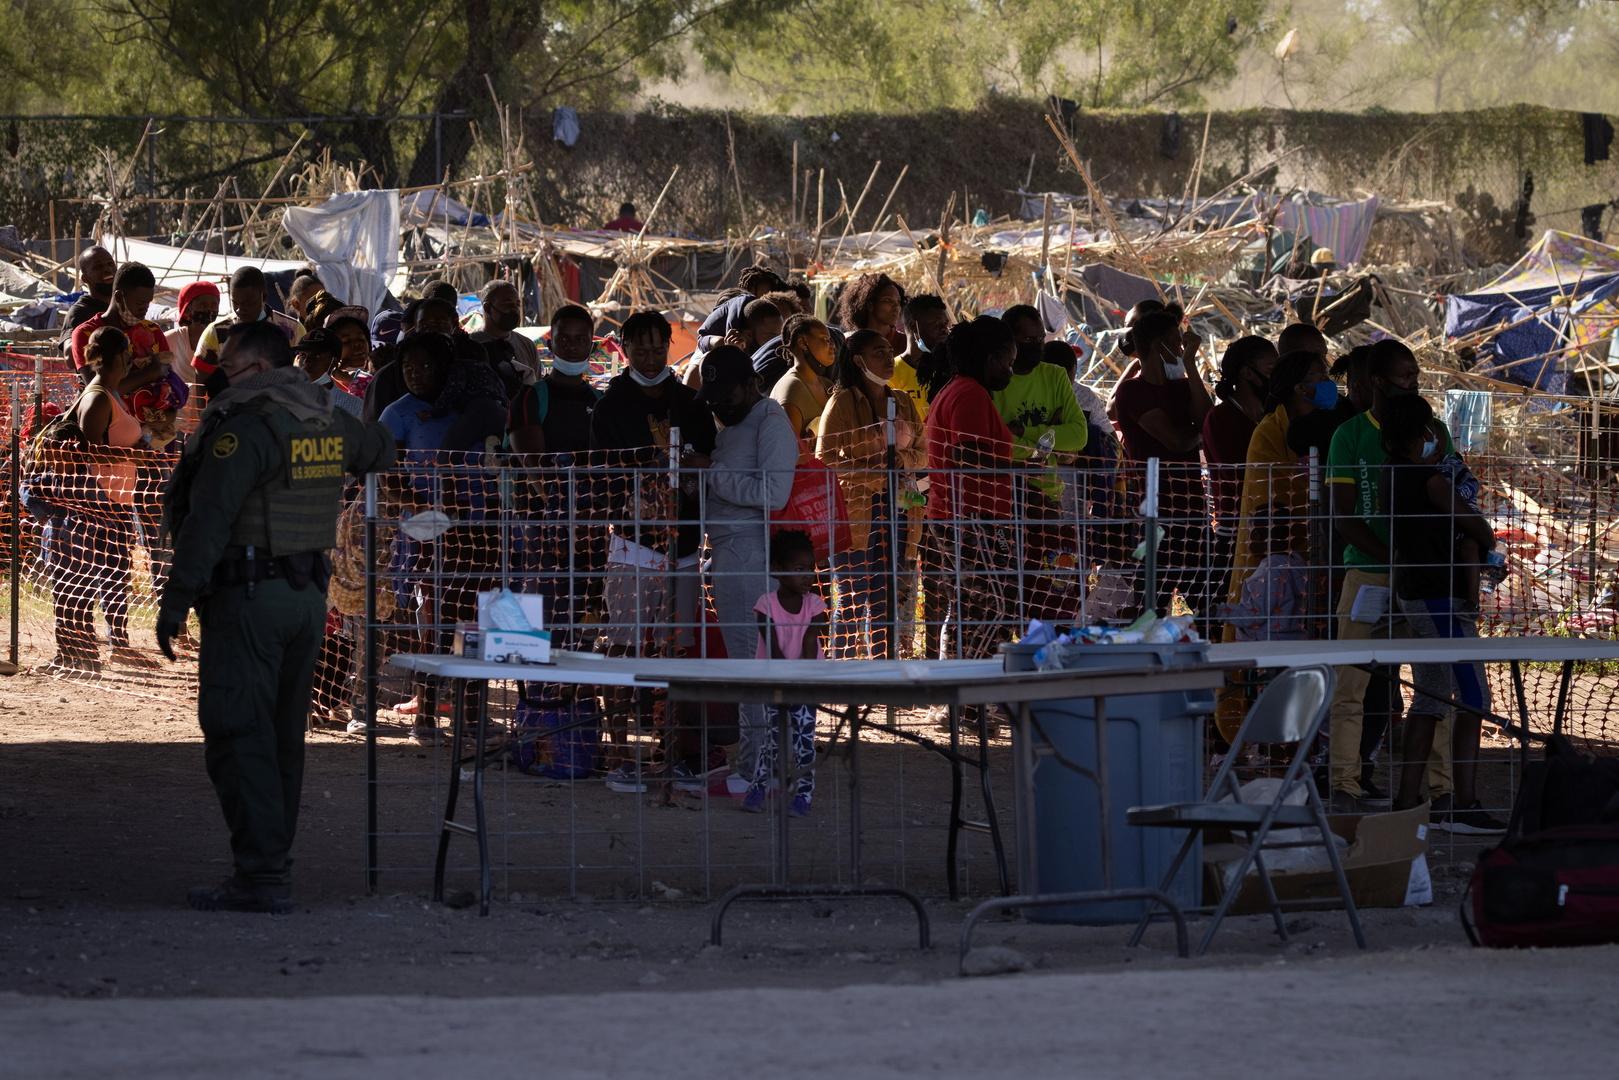 جميع المهاجرين الهايتيين يغادرون الحدود المكسيكية الأمريكية